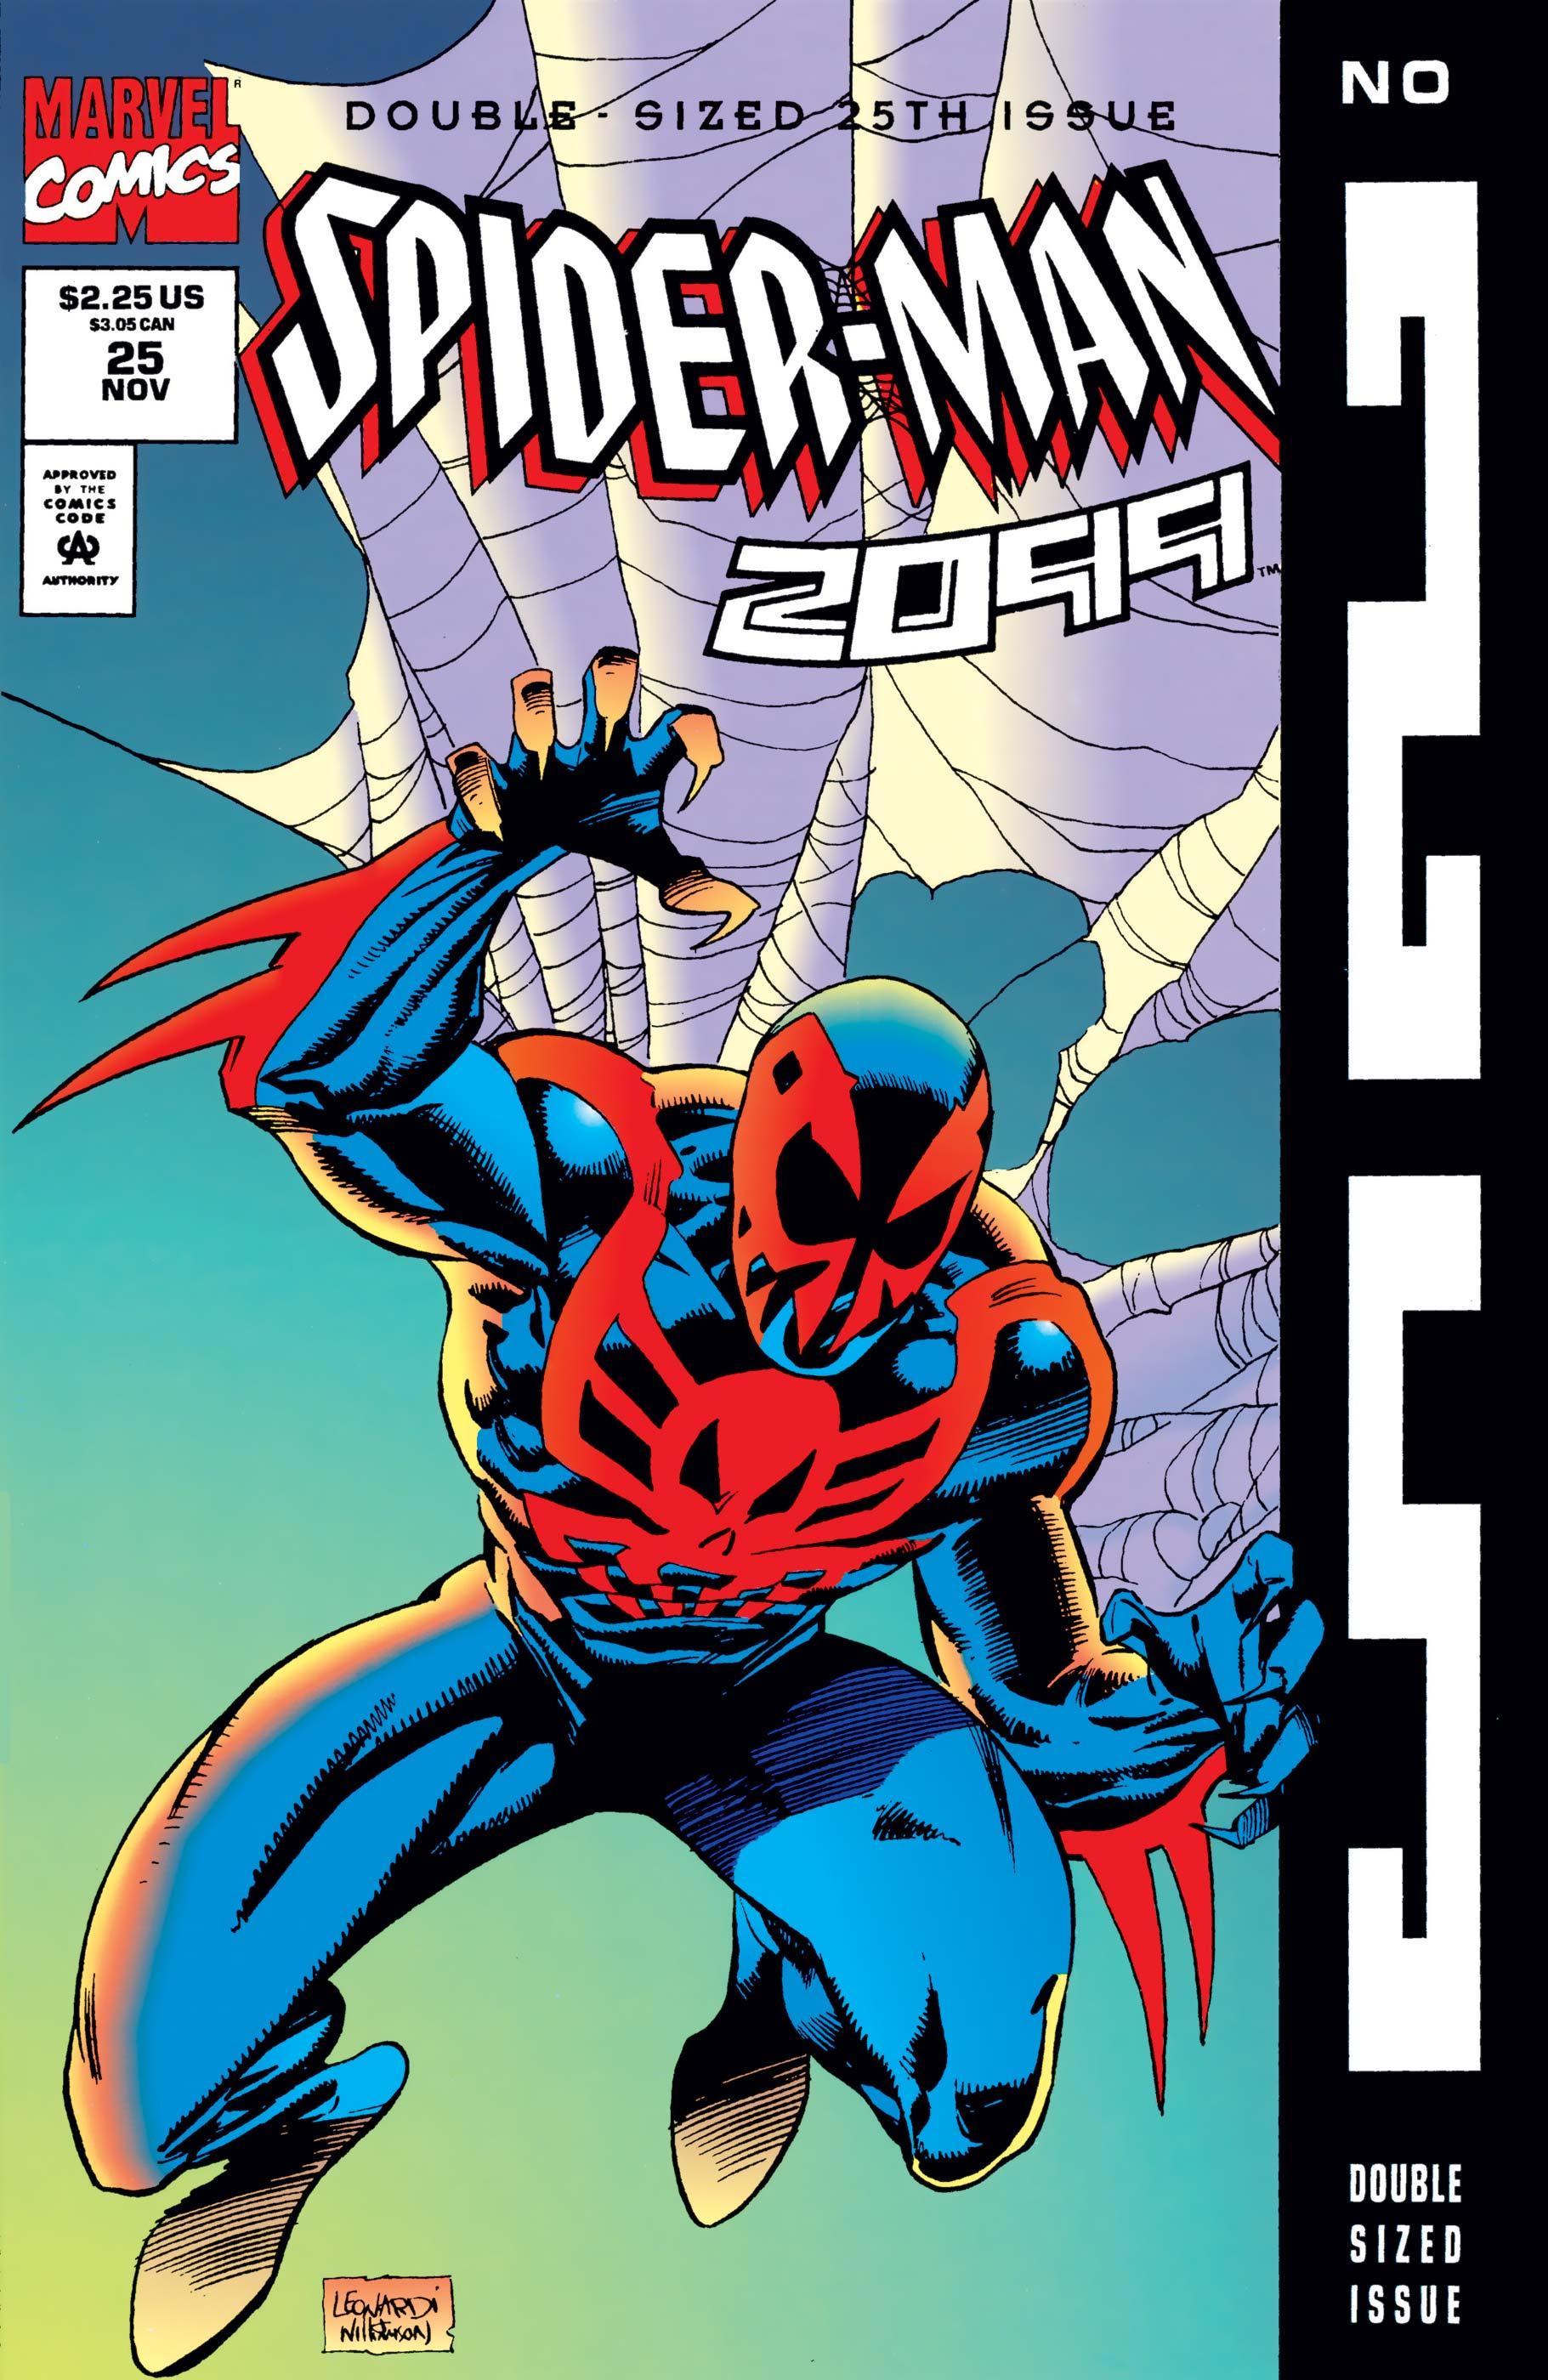 Spider-Man 2099 (1992) #25